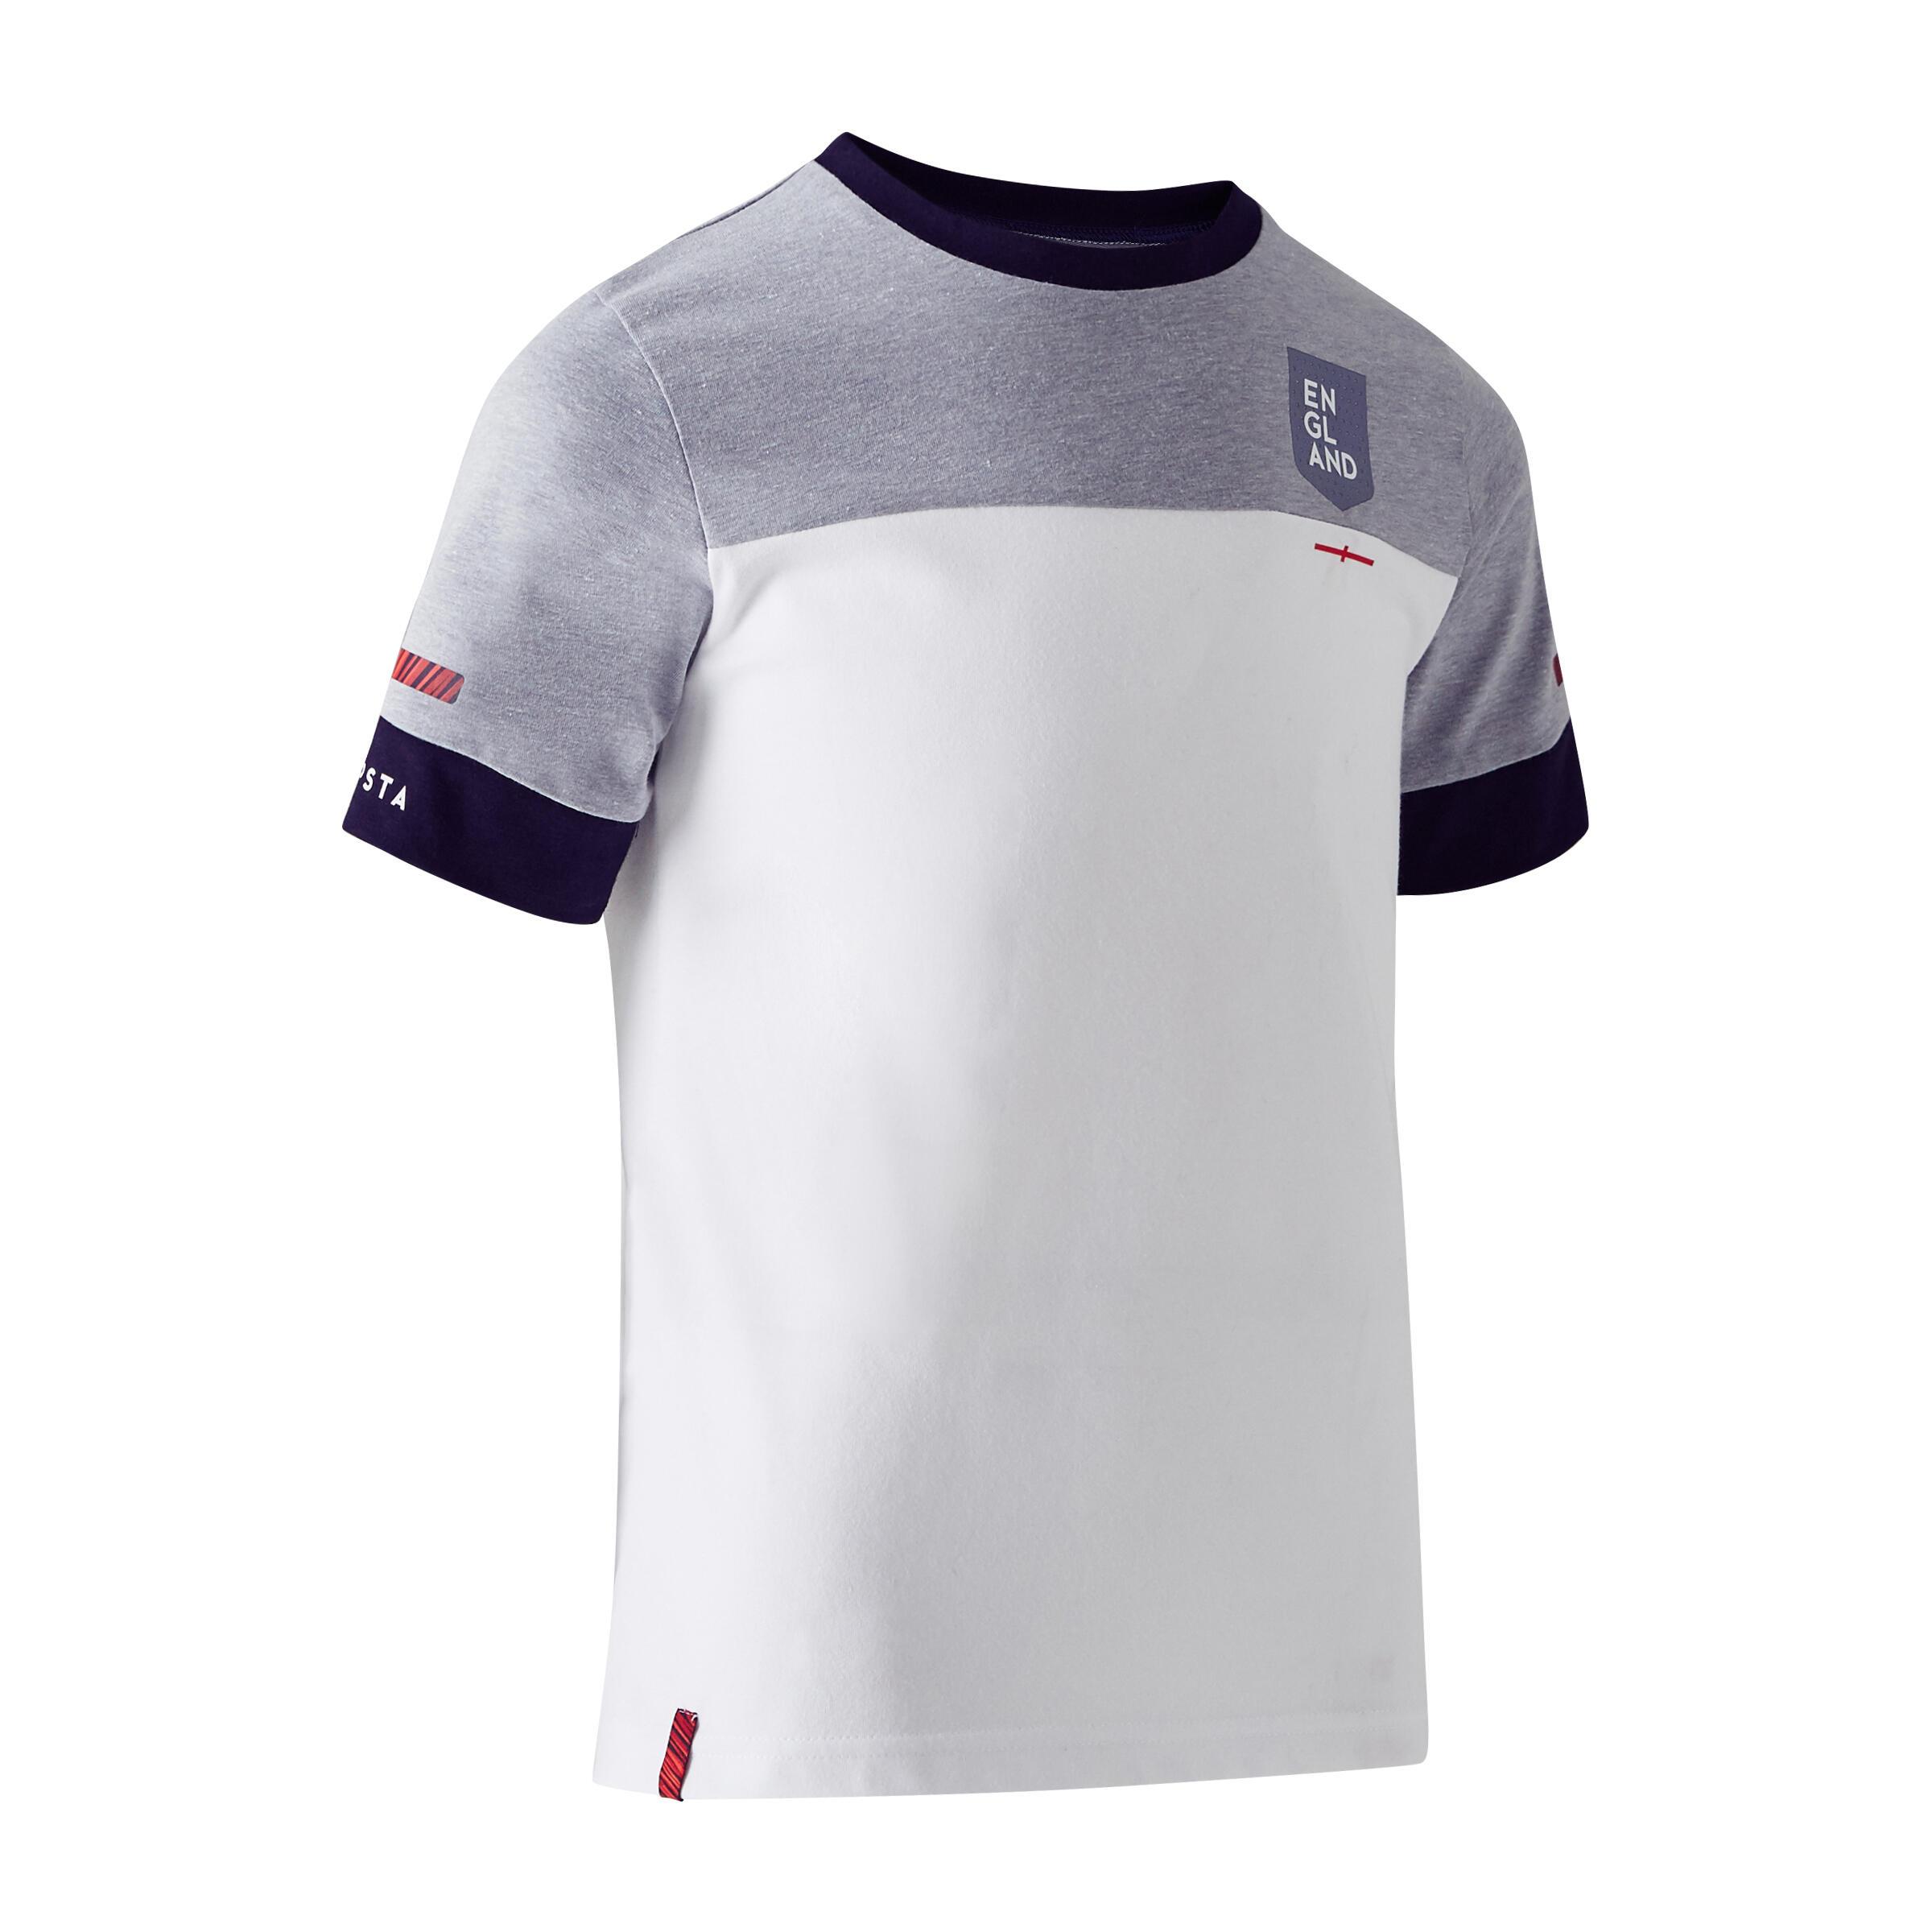 Camisetas Oficiales Selecciones Fútbol 2018  2de9b8f36a322